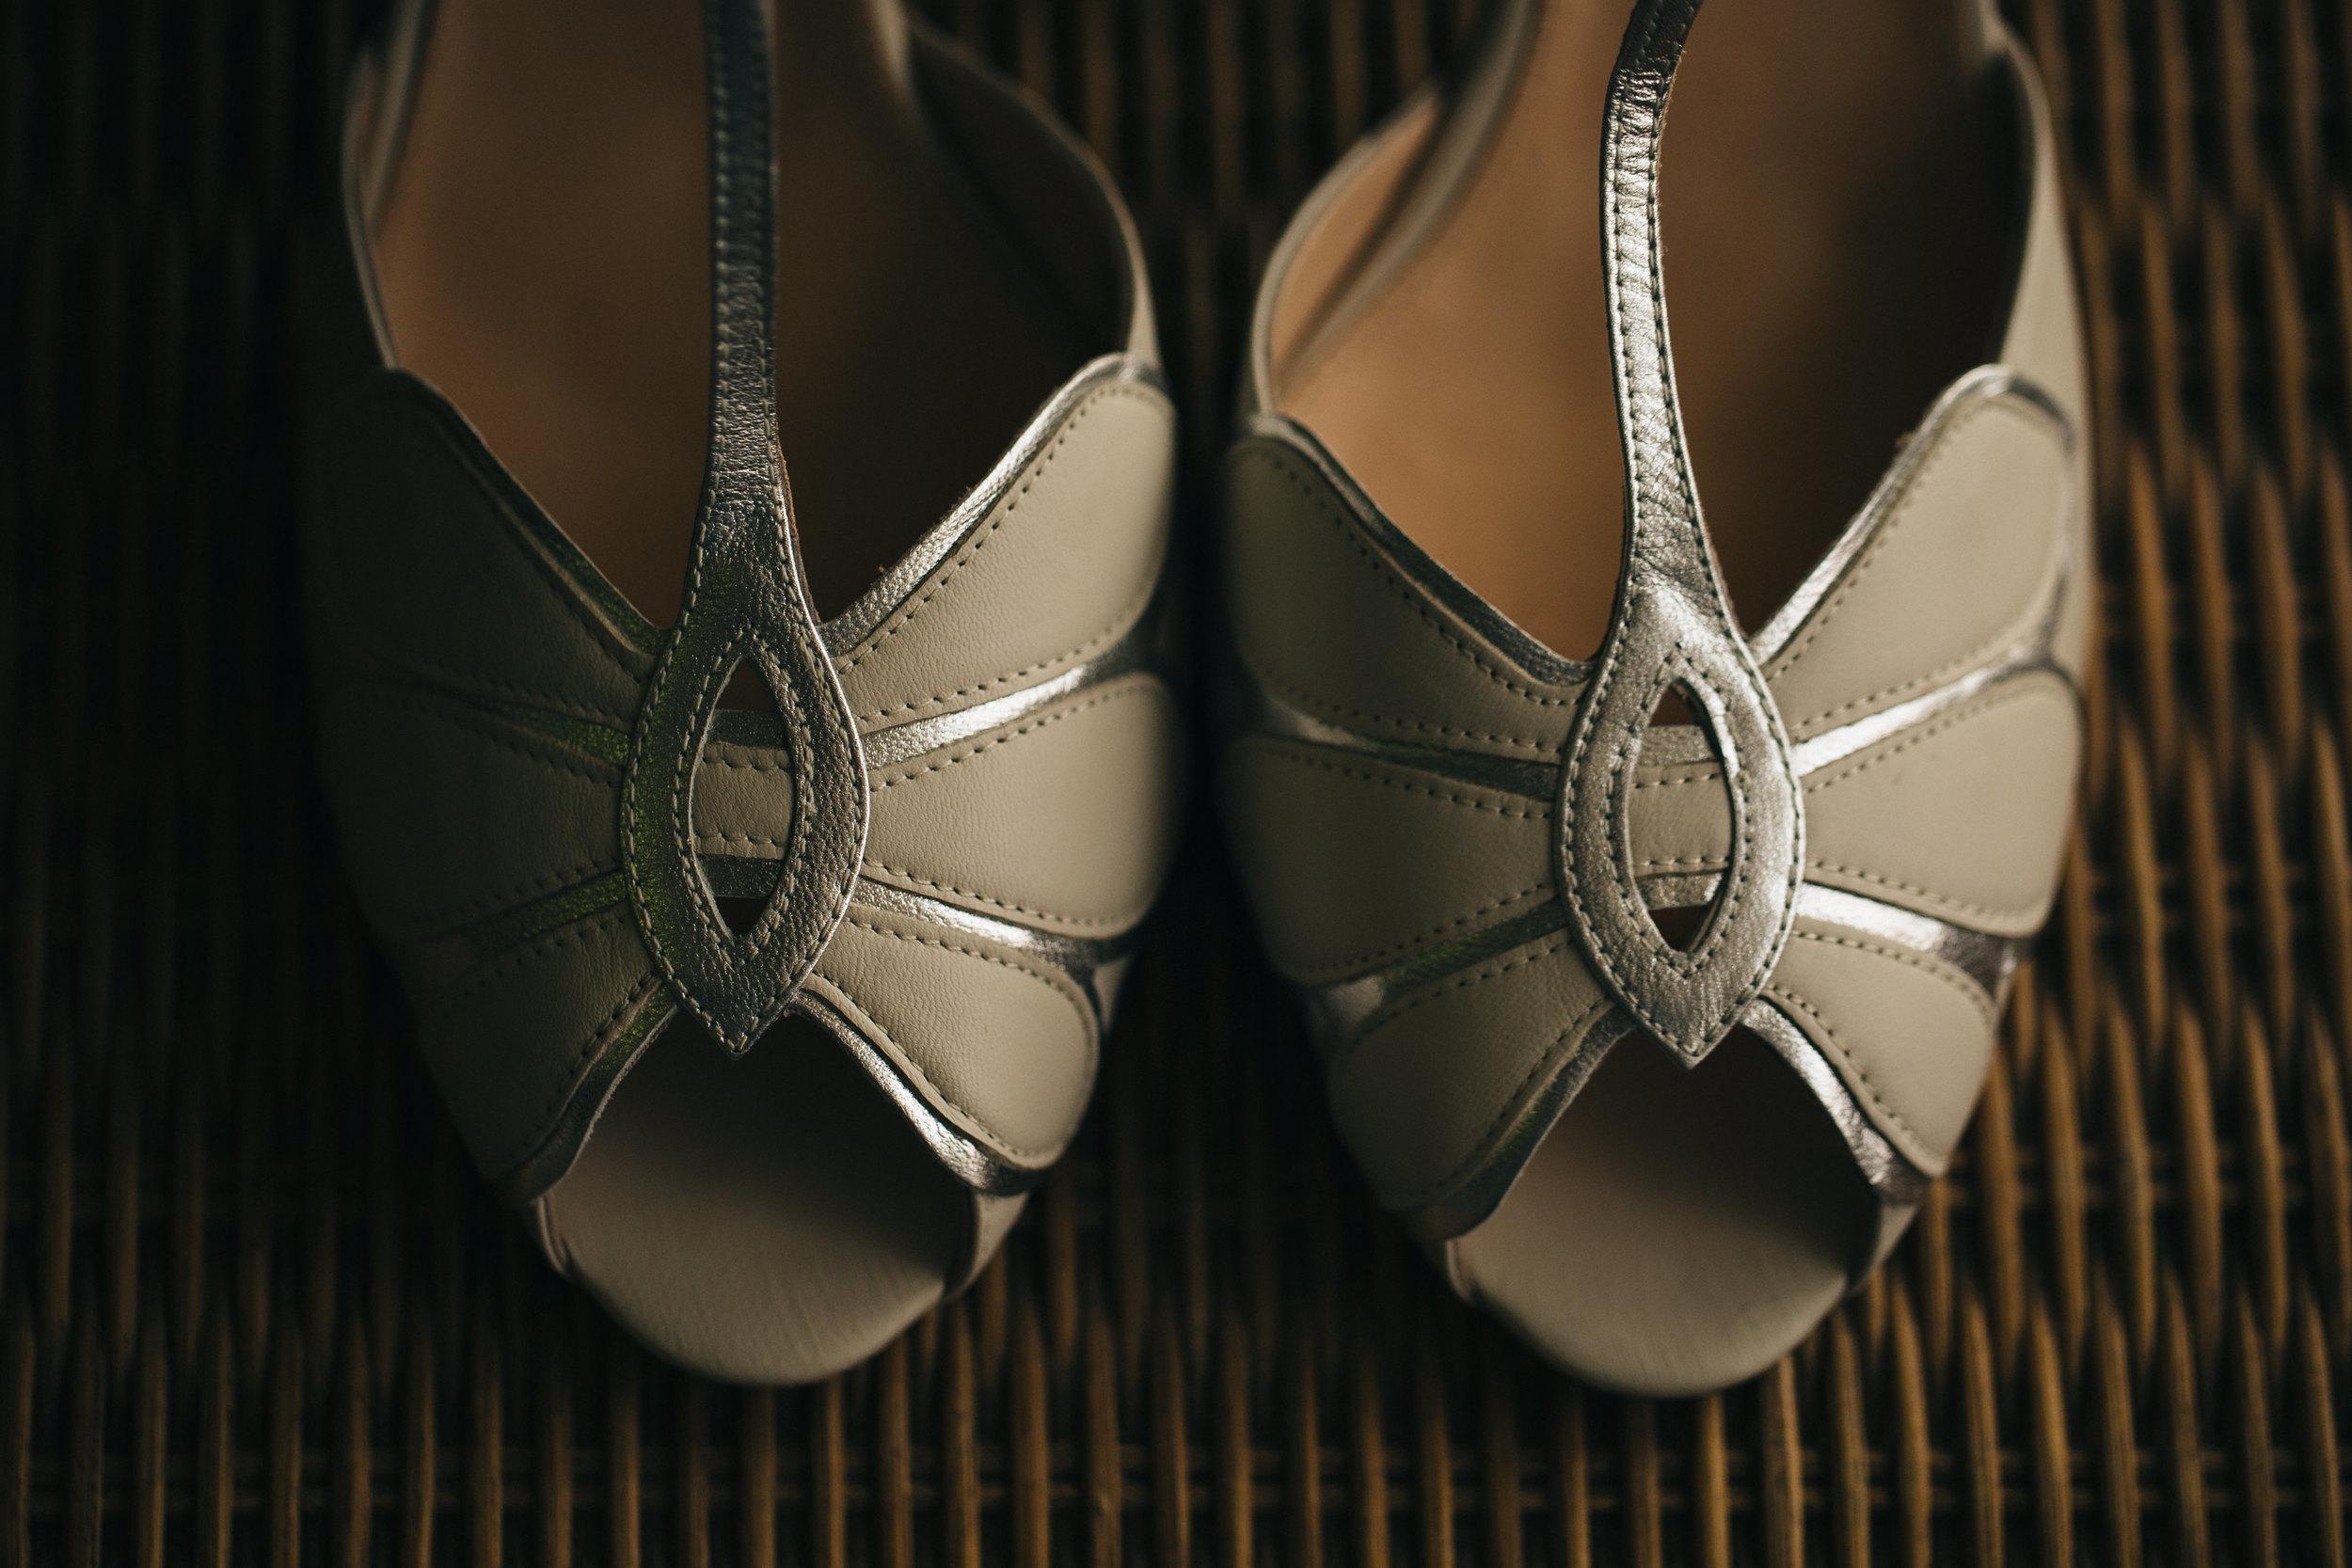 Ivory bridal wedding shoes in Ohio wedding.